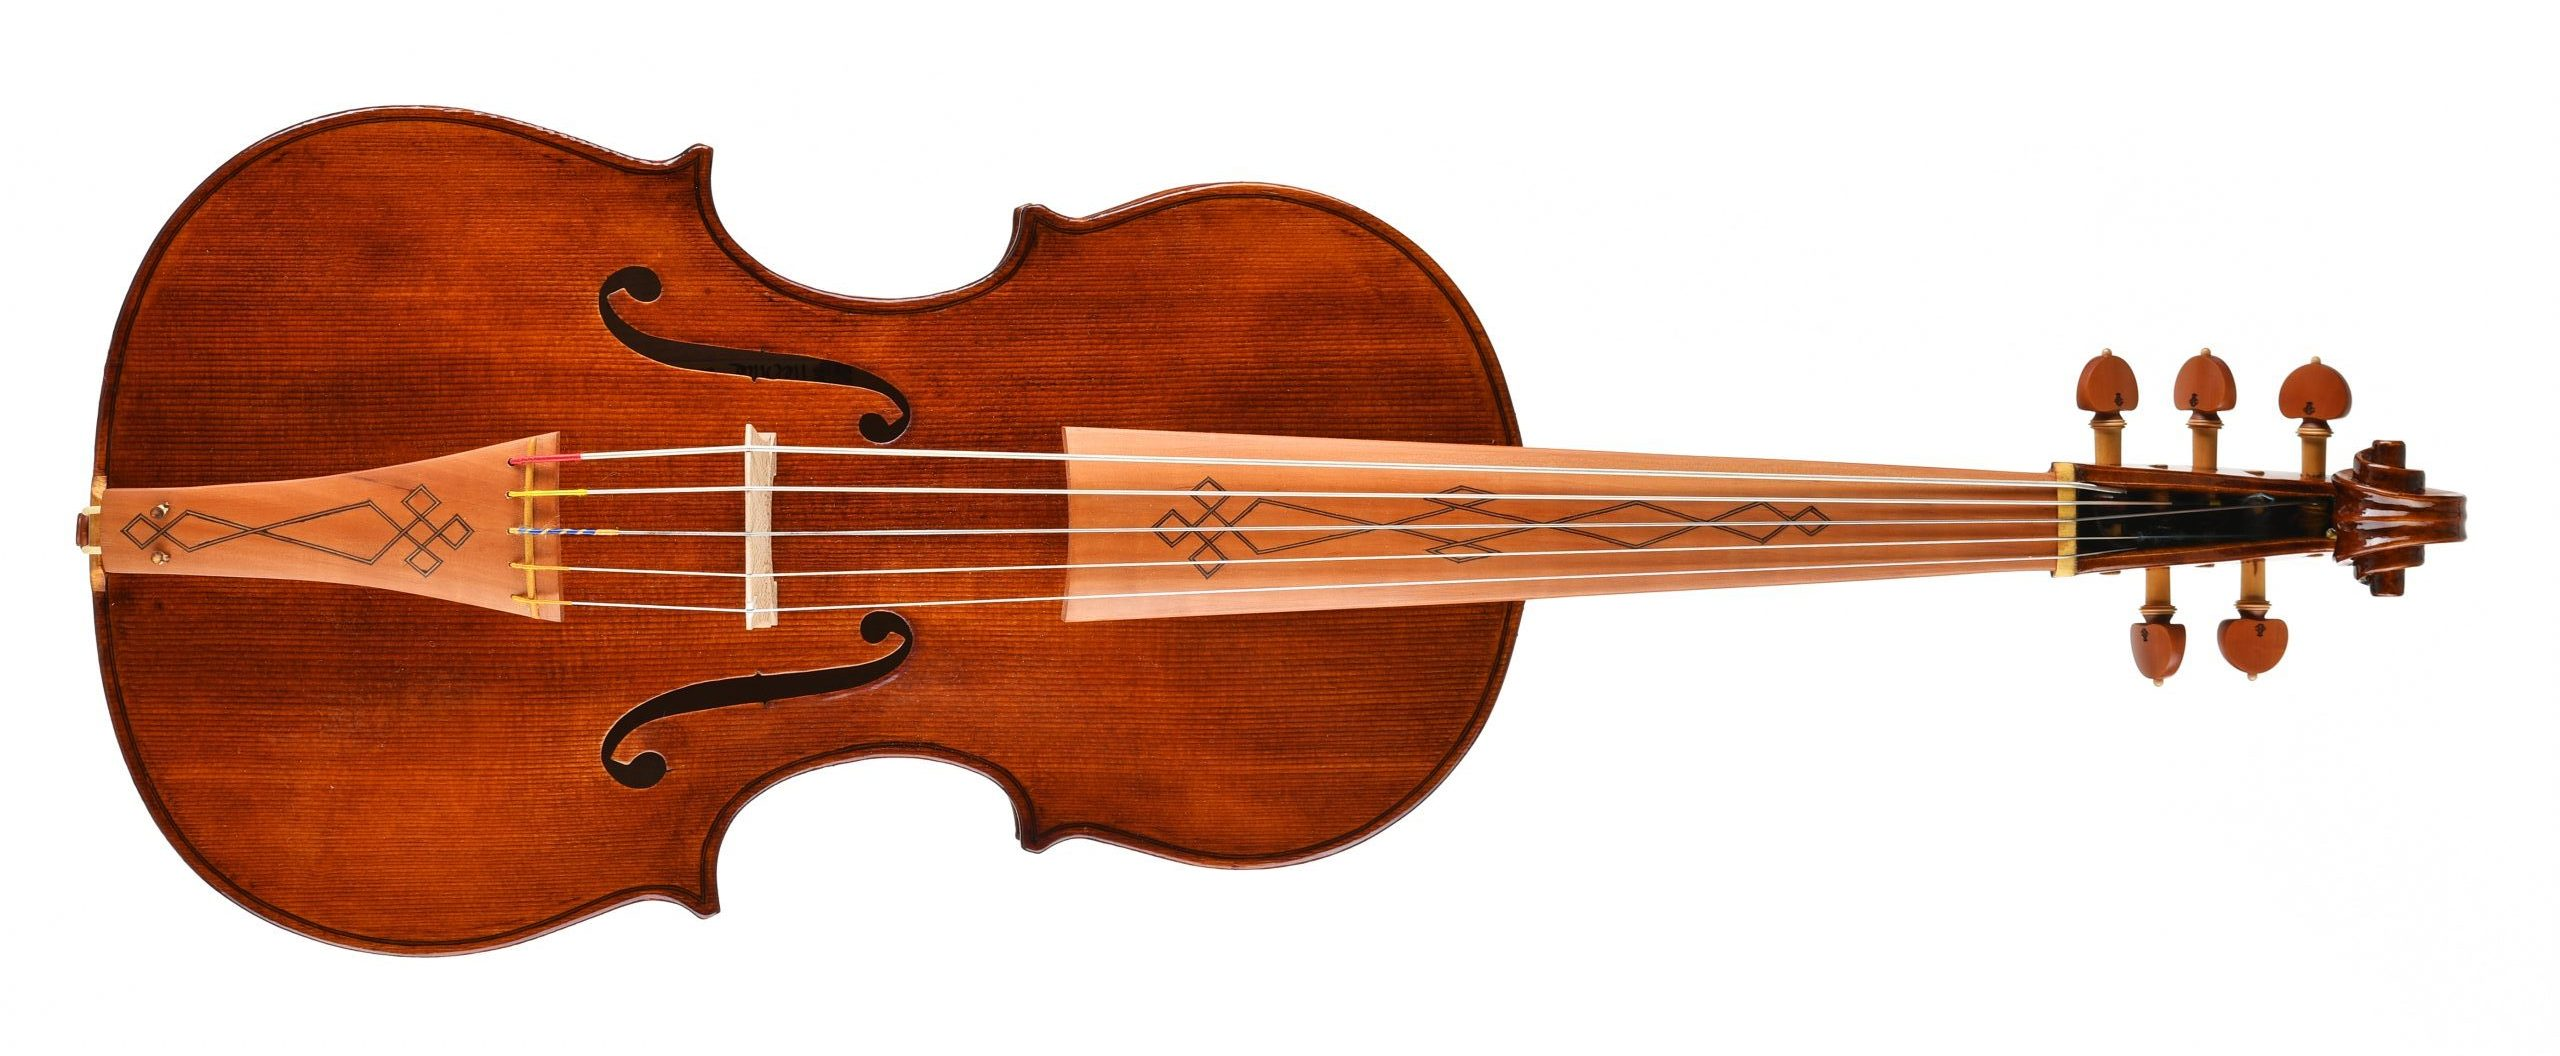 Violoncello da spalla custom Visintini Gaidano